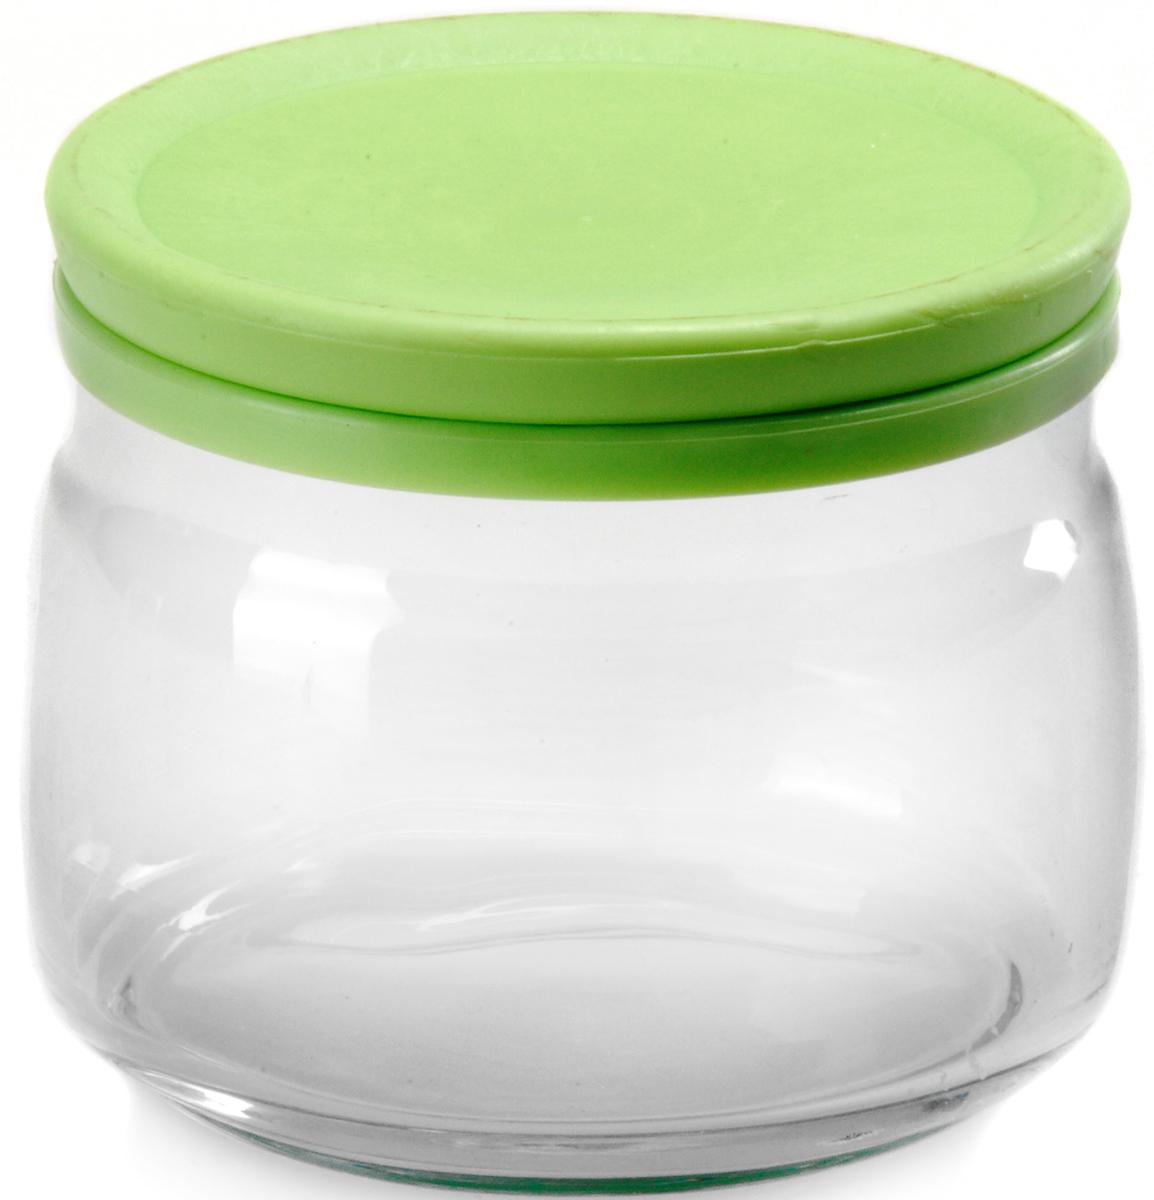 Банка для сыпучих продуктов Pasabahce Cesni, с крышкой, цвет: зеленый, прозрачный, 420 мл43002SLBБанка Pasabahce Cesni выполнена из прочного натрий-кальций-силикатногостекла. Банка оснащена пластиковой плотно прилегающей крышкой. В такой банкеудобно хранить крупы, специи, орехи и многое другое.Функциональная и практичная, такая банка станет незаменимым аксессуаром навашей кухне. Высота банки (без учета крышки): 9 см.